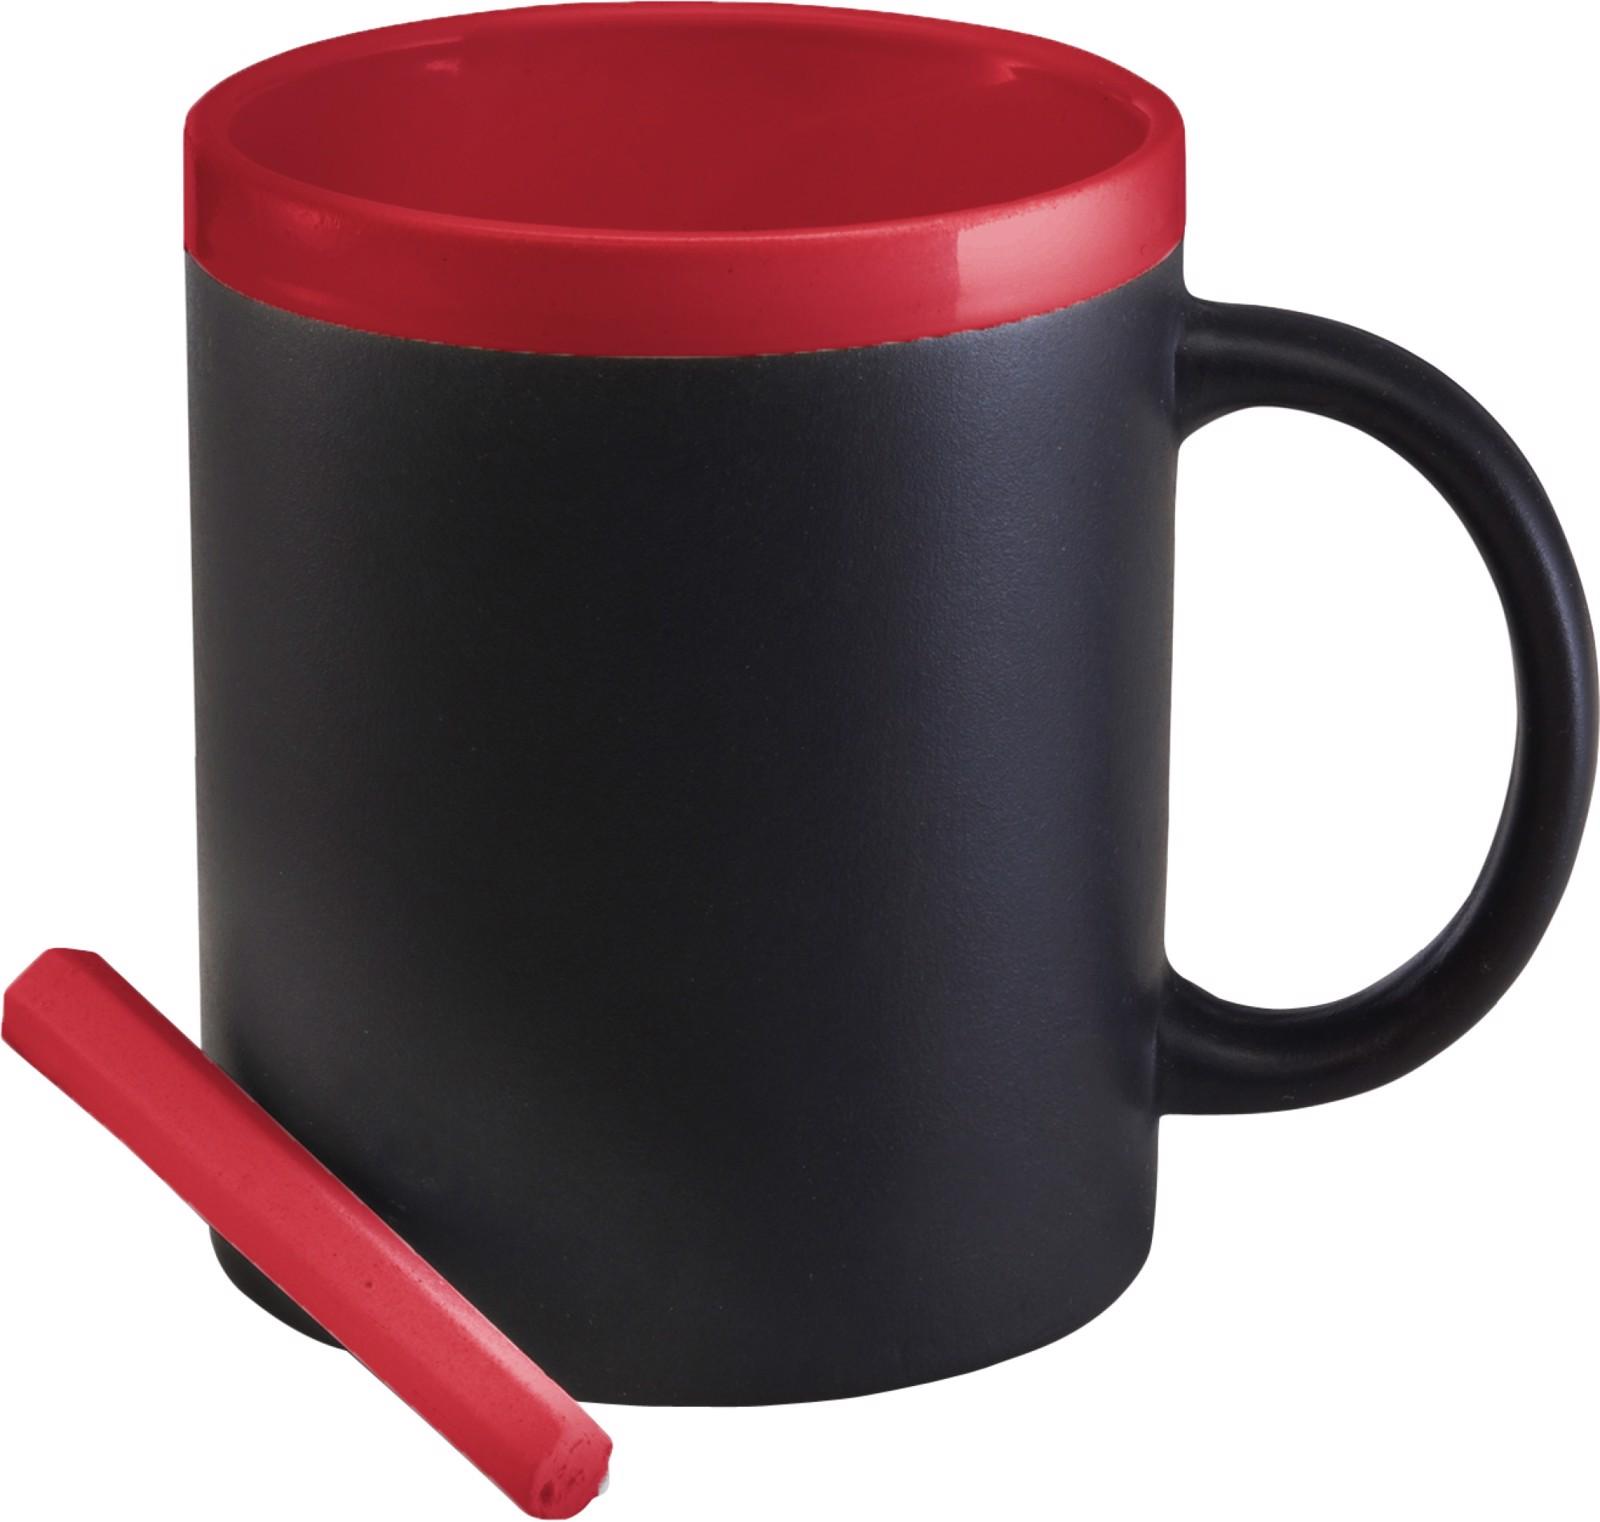 Ceramic mug - Red